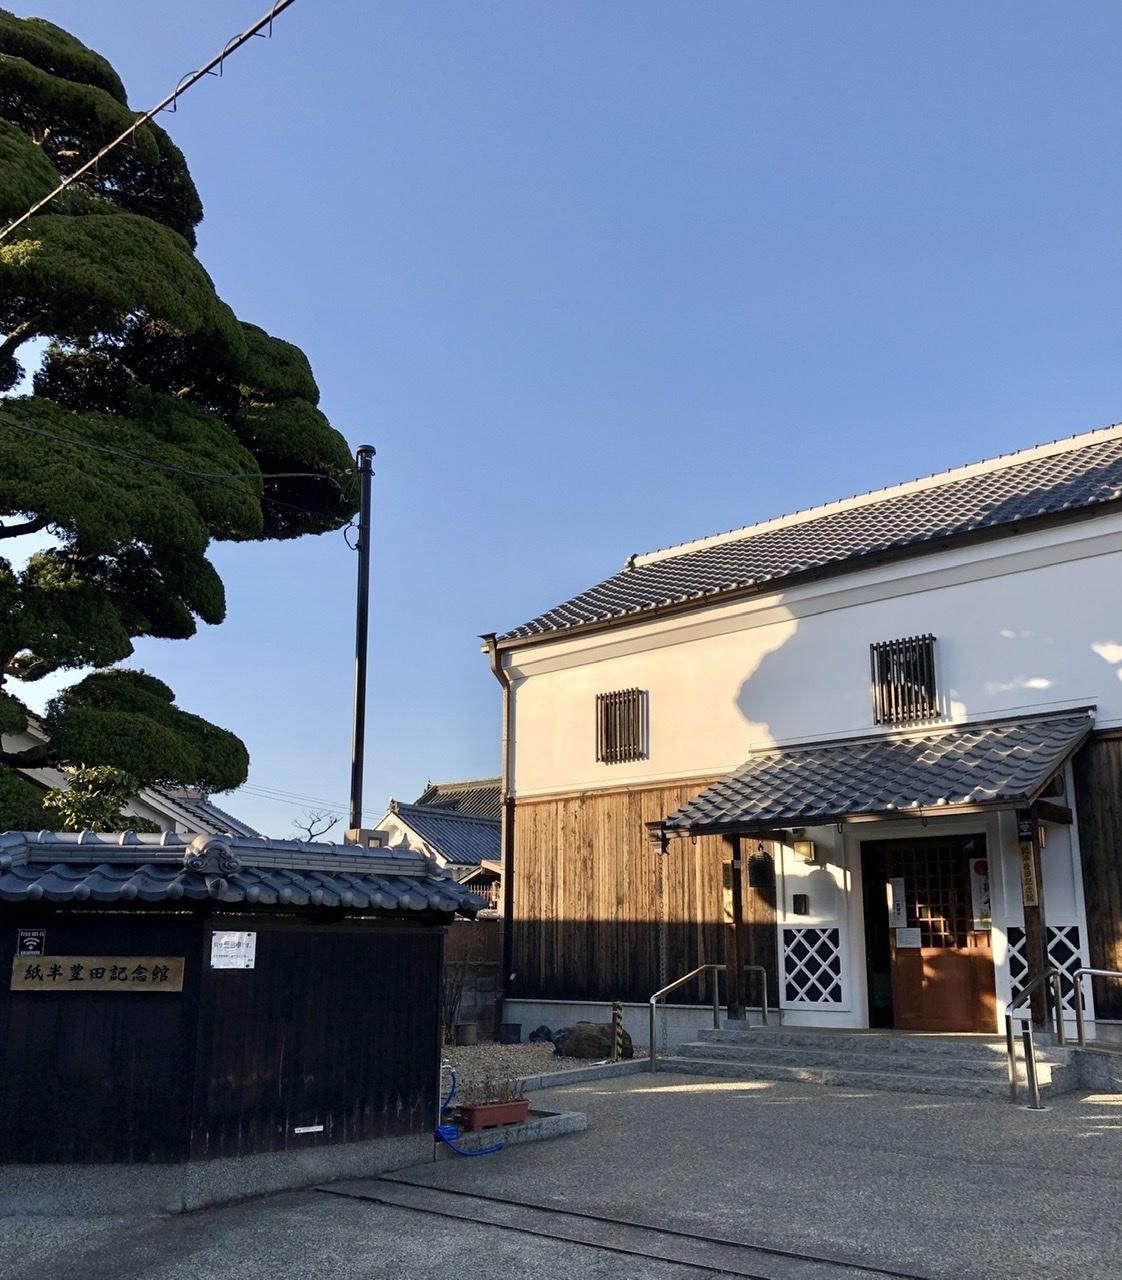 奈良の旅 13 江戸の街並みが美しい橿原市今井町 その2_a0092659_11271296.jpeg